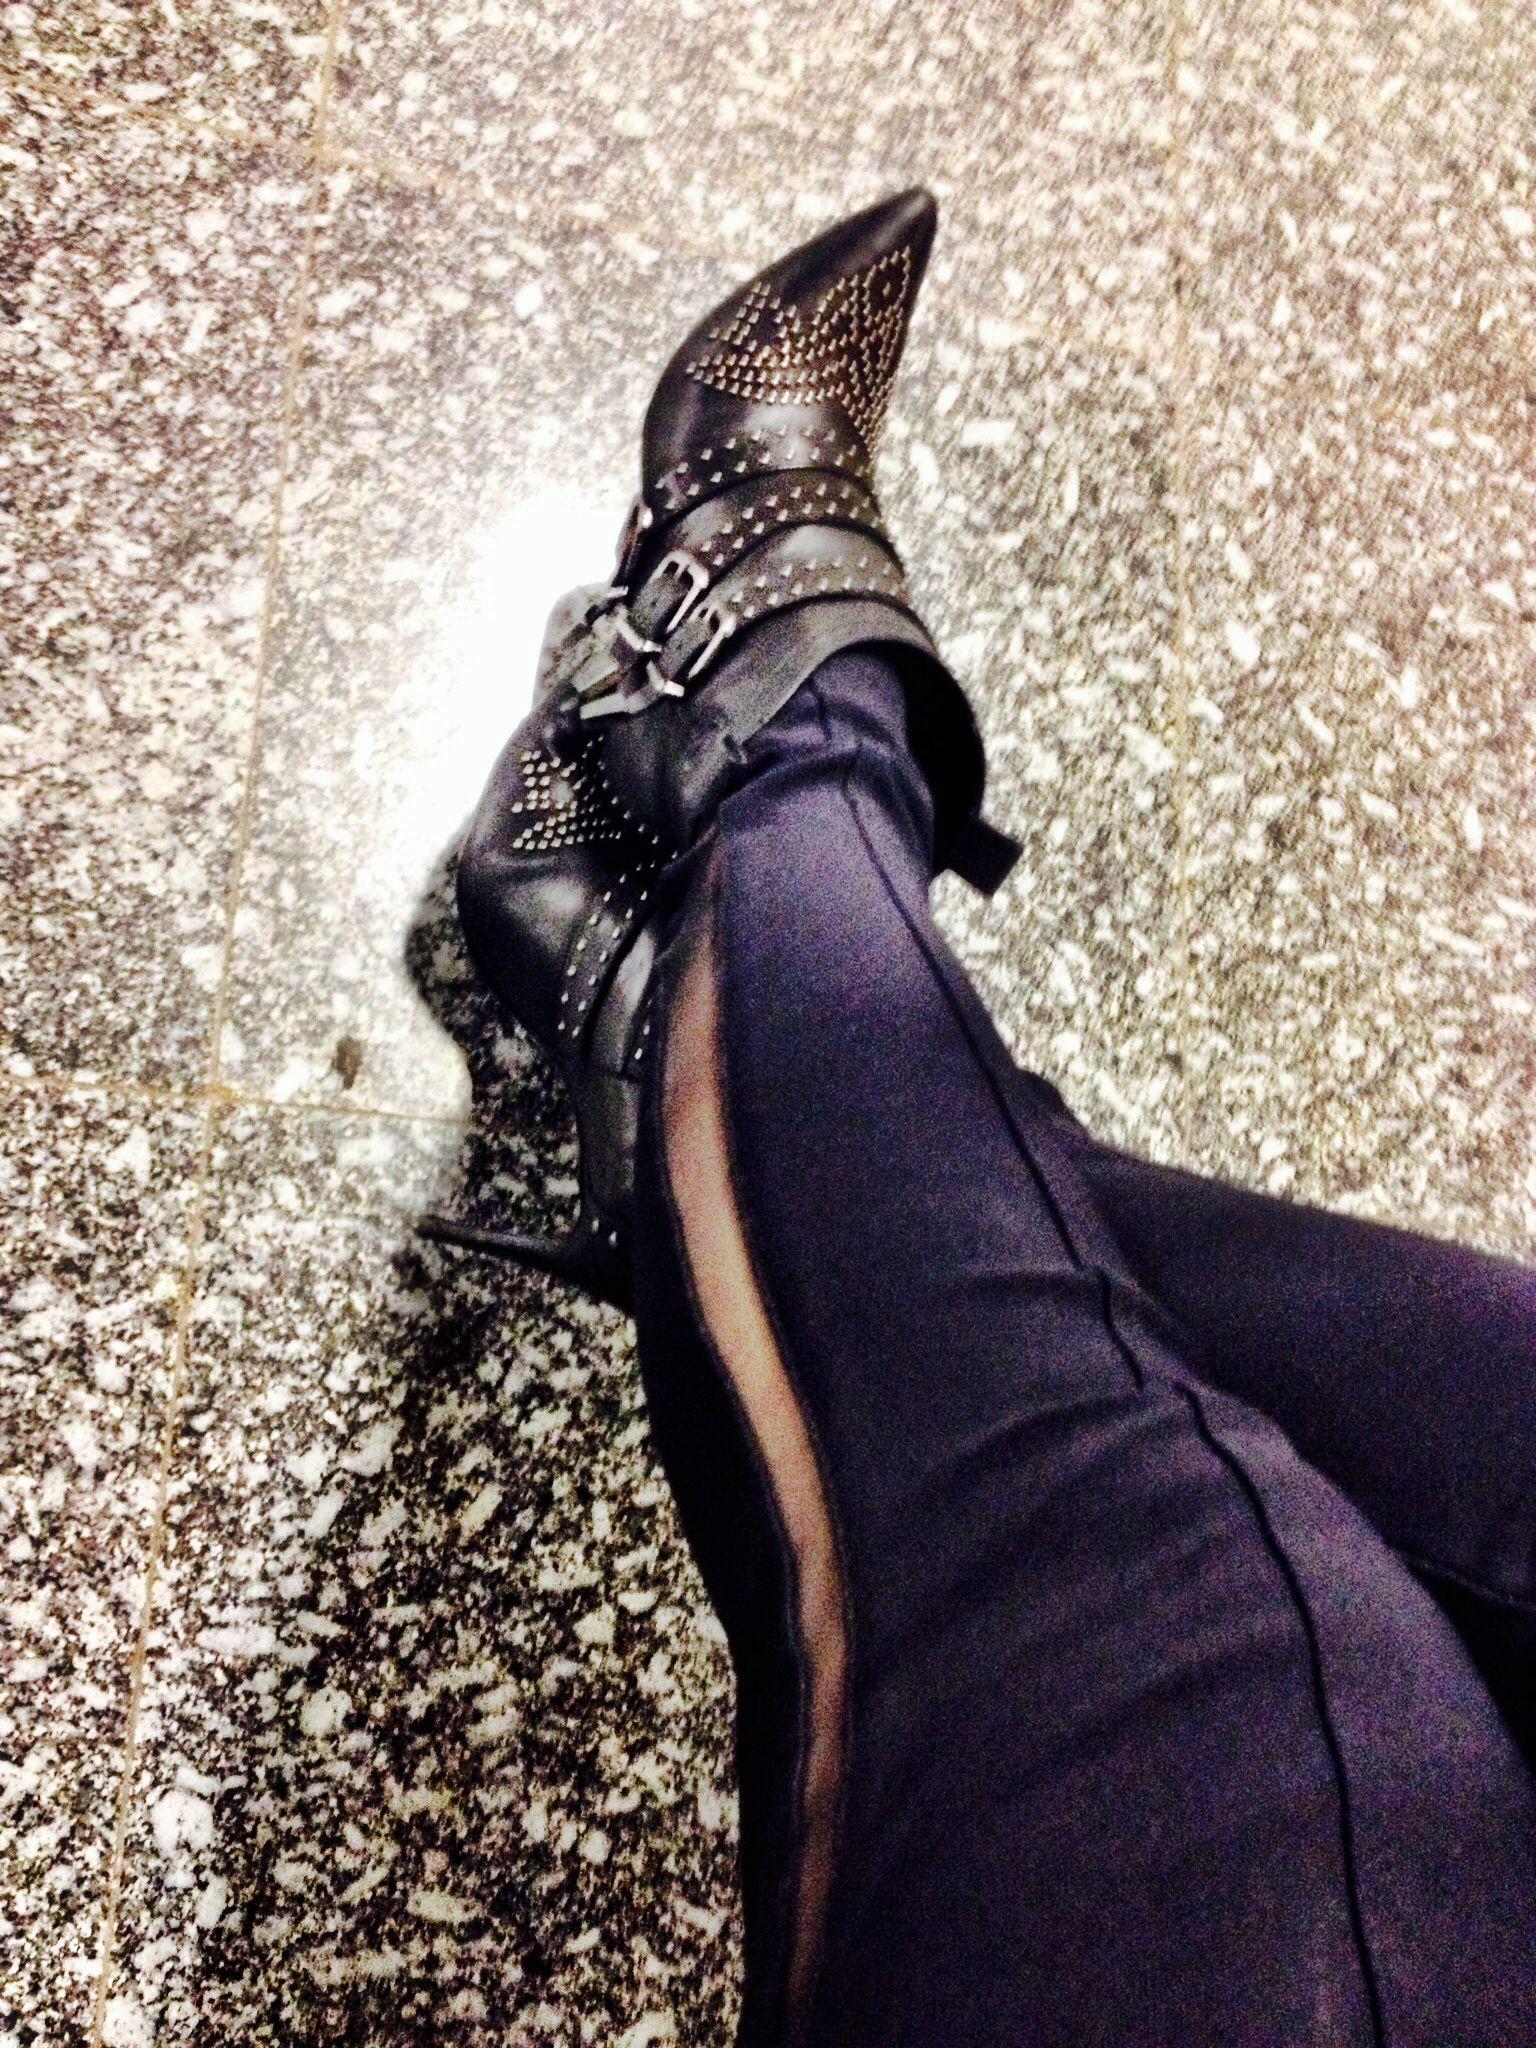 Badass boots!